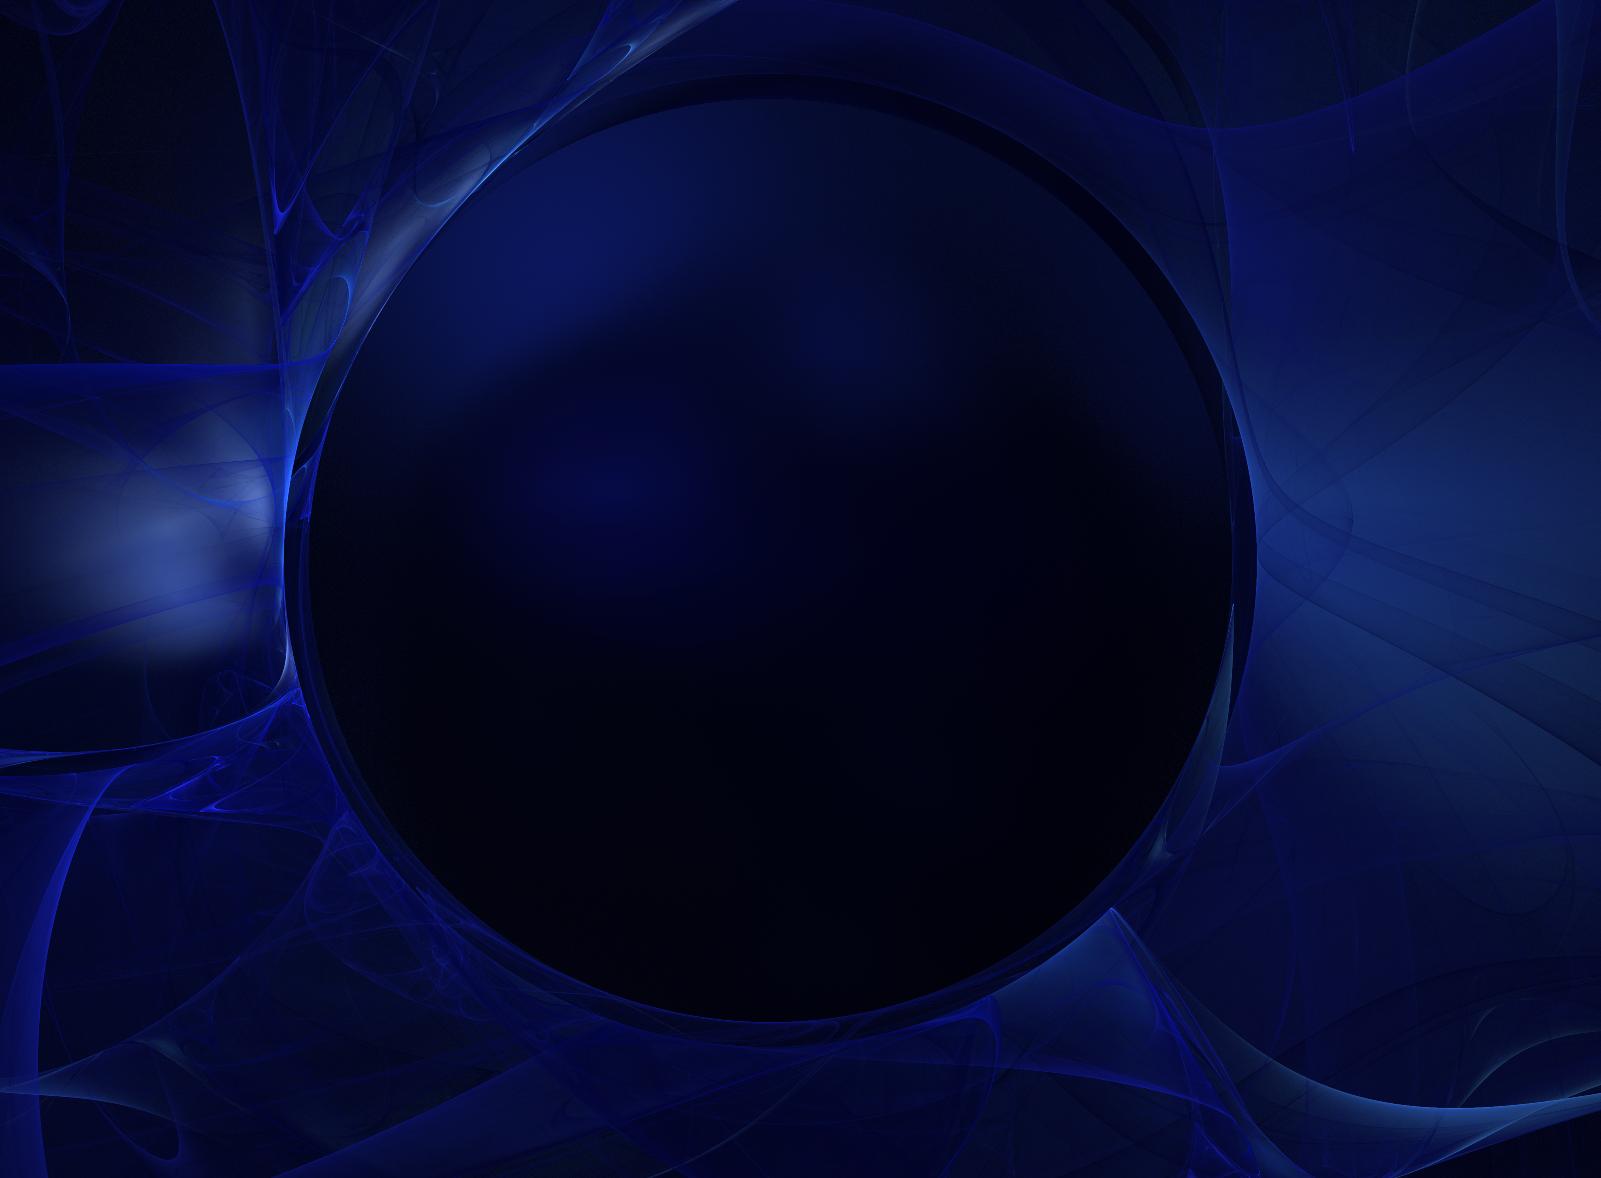 morphing into dark dark matter core - photo #22